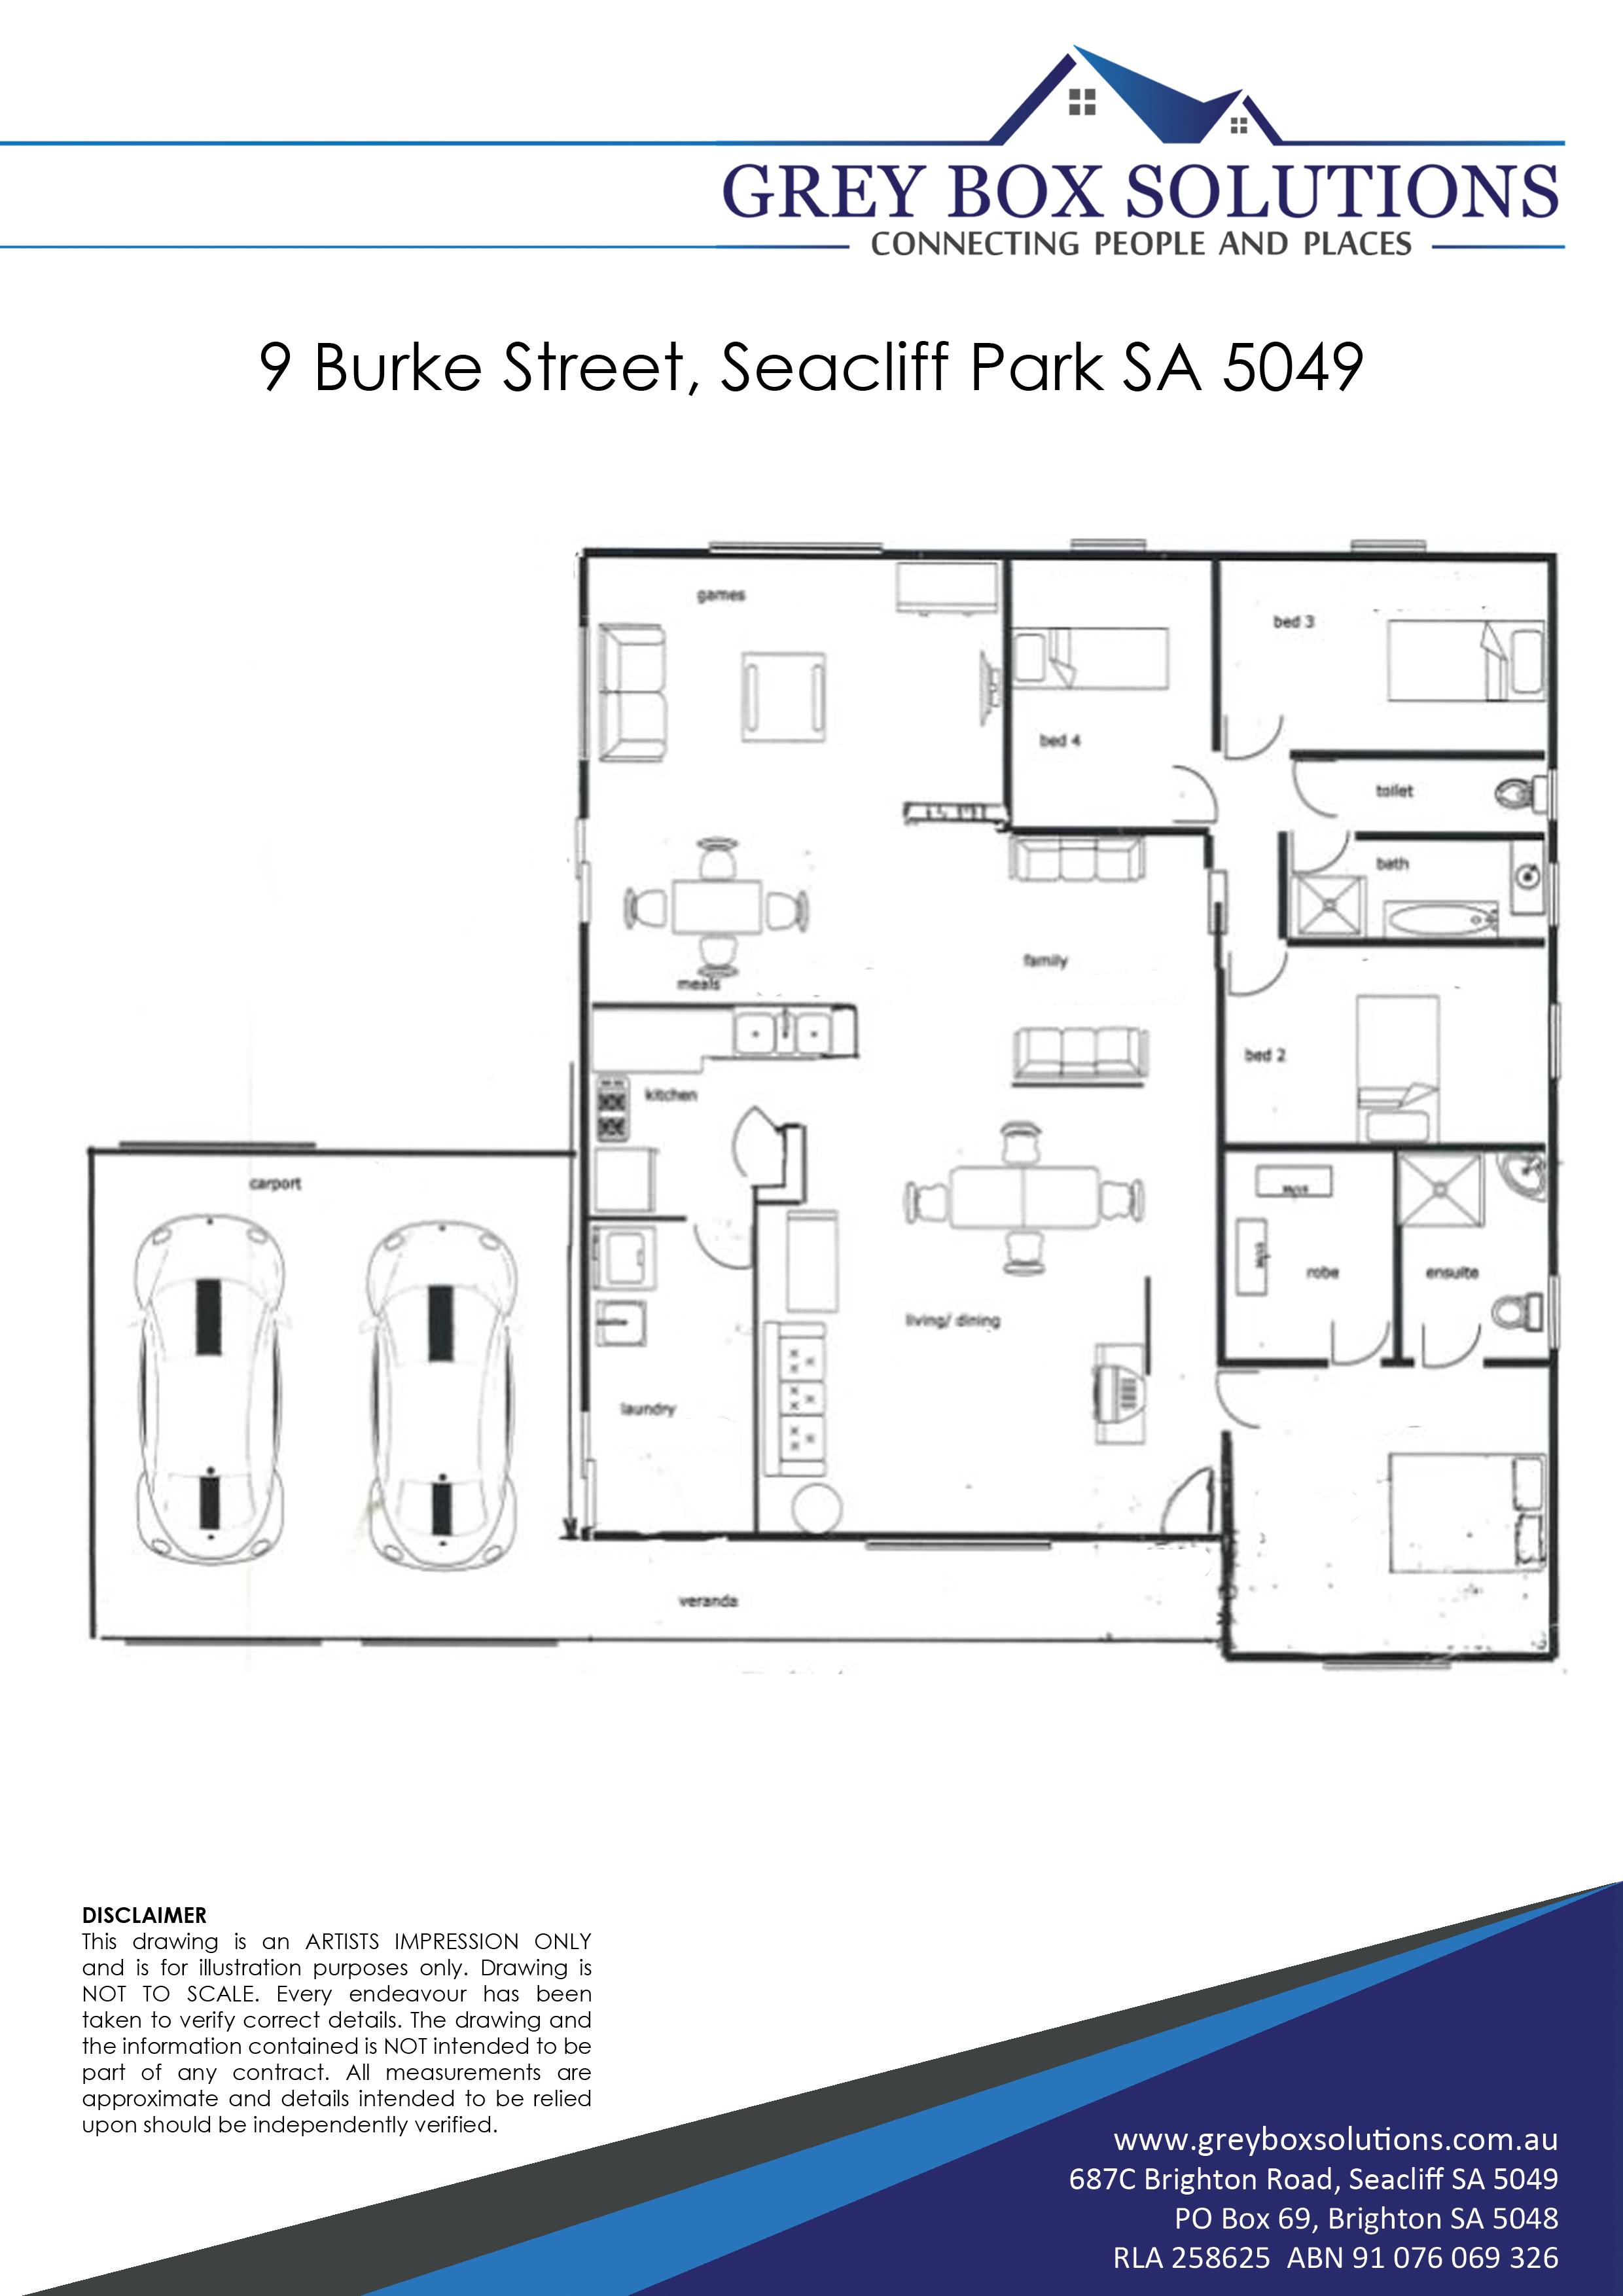 18. Floor Plan